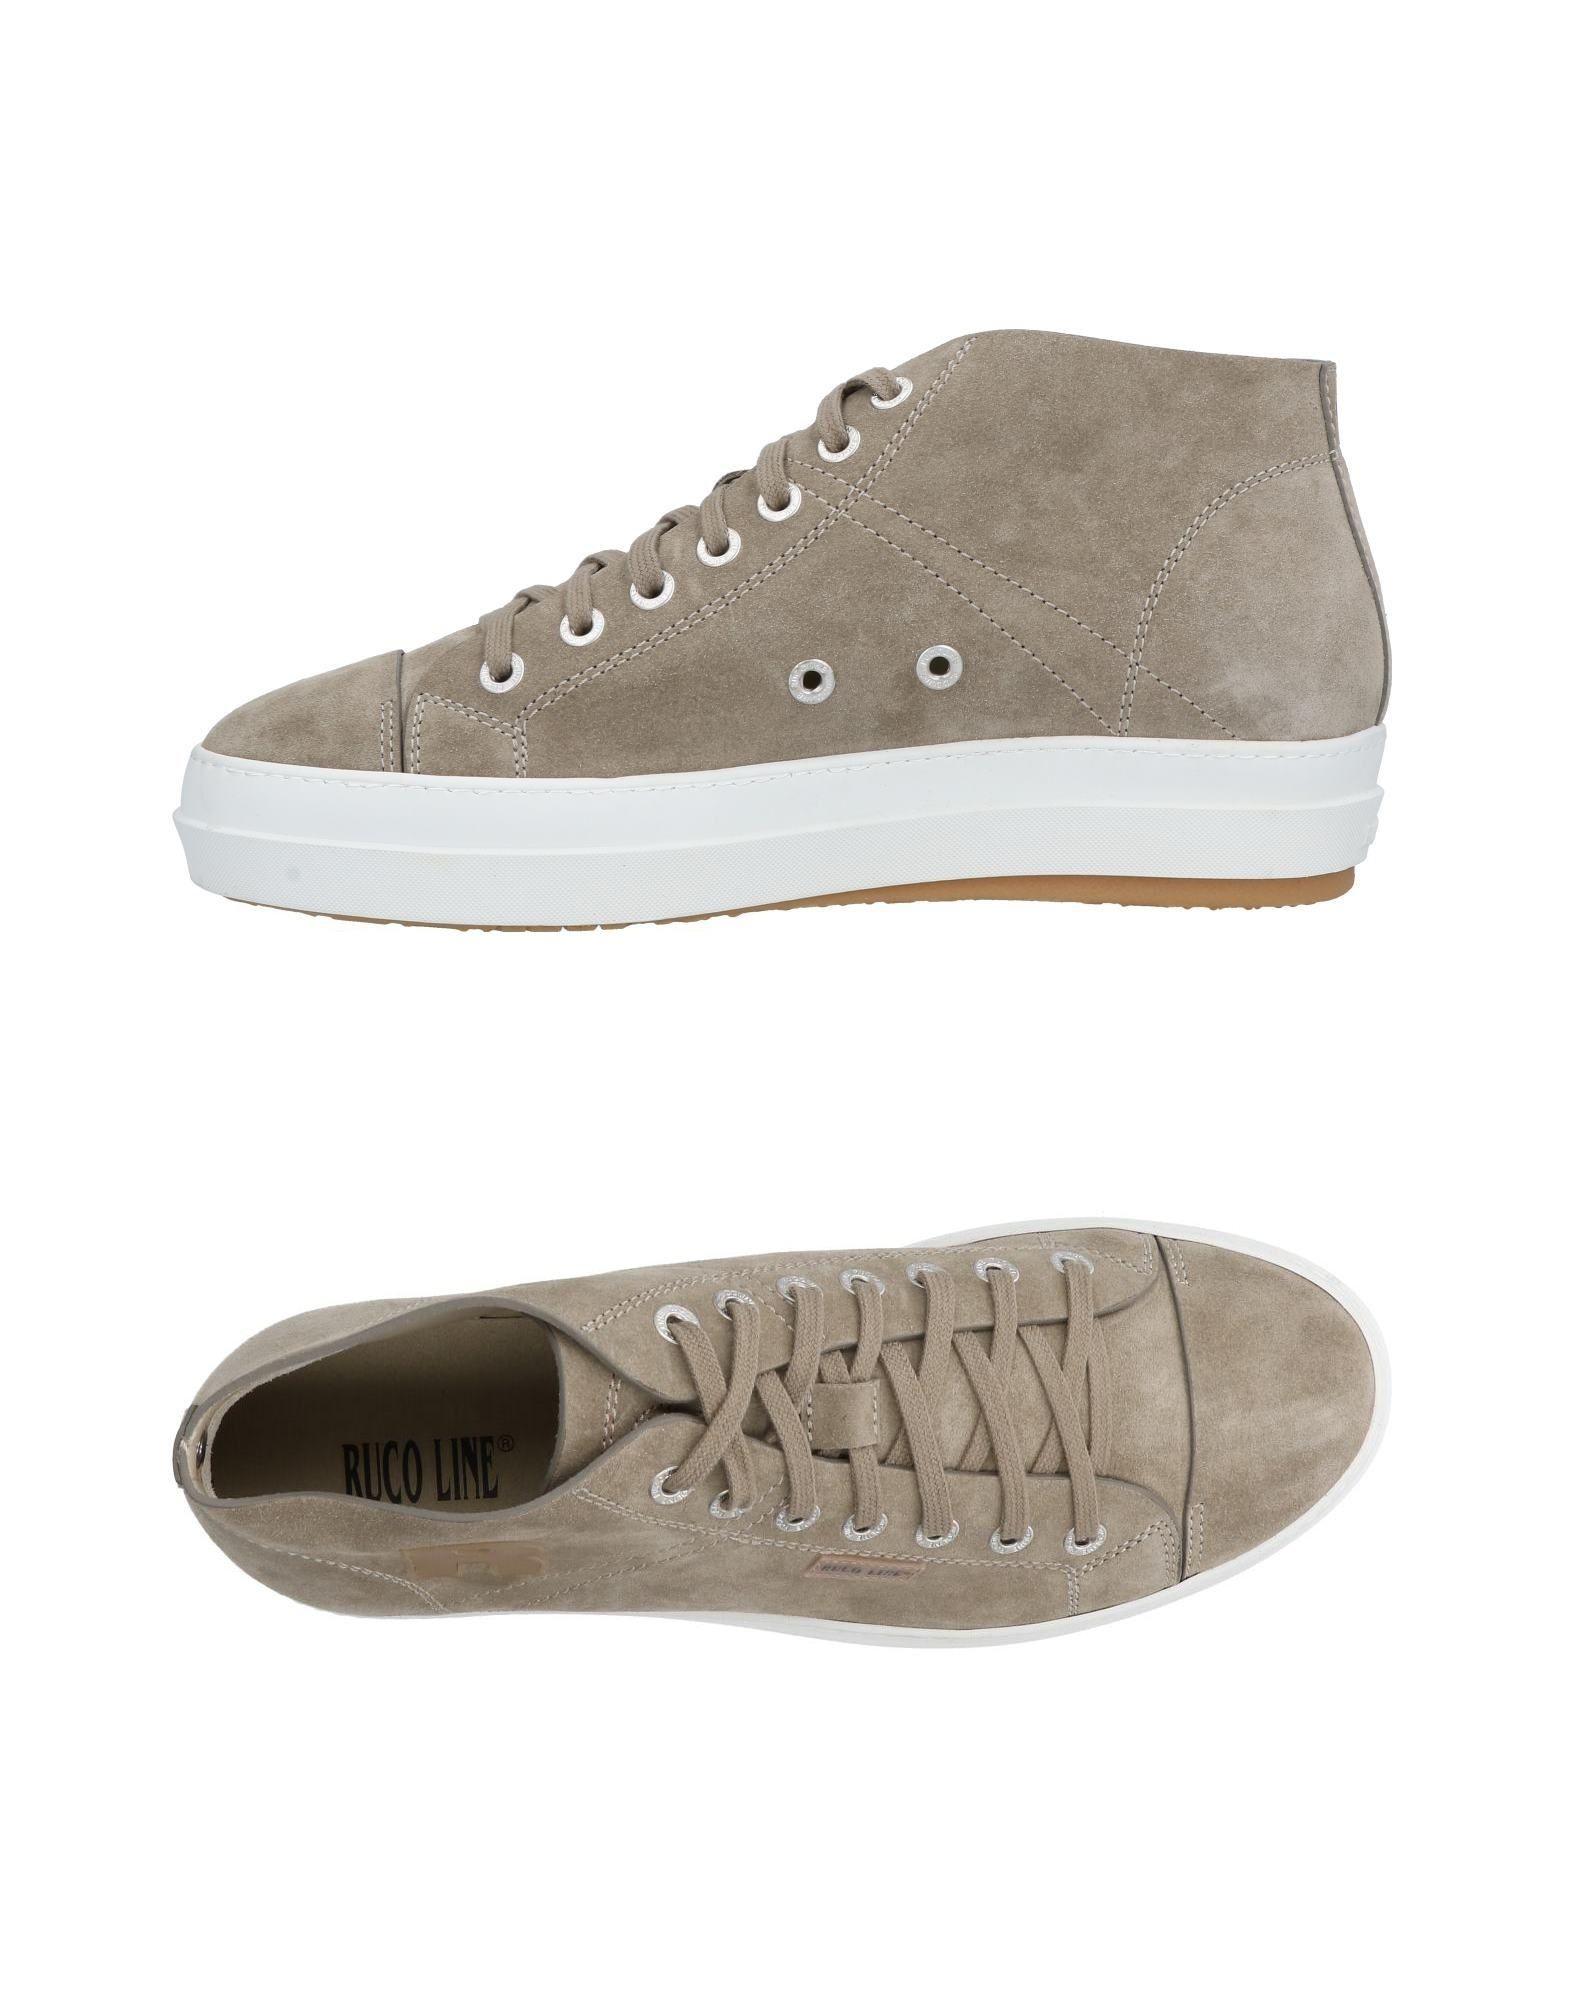 Rabatt echte Schuhe Ruco Line Sneakers Herren  11481057OH